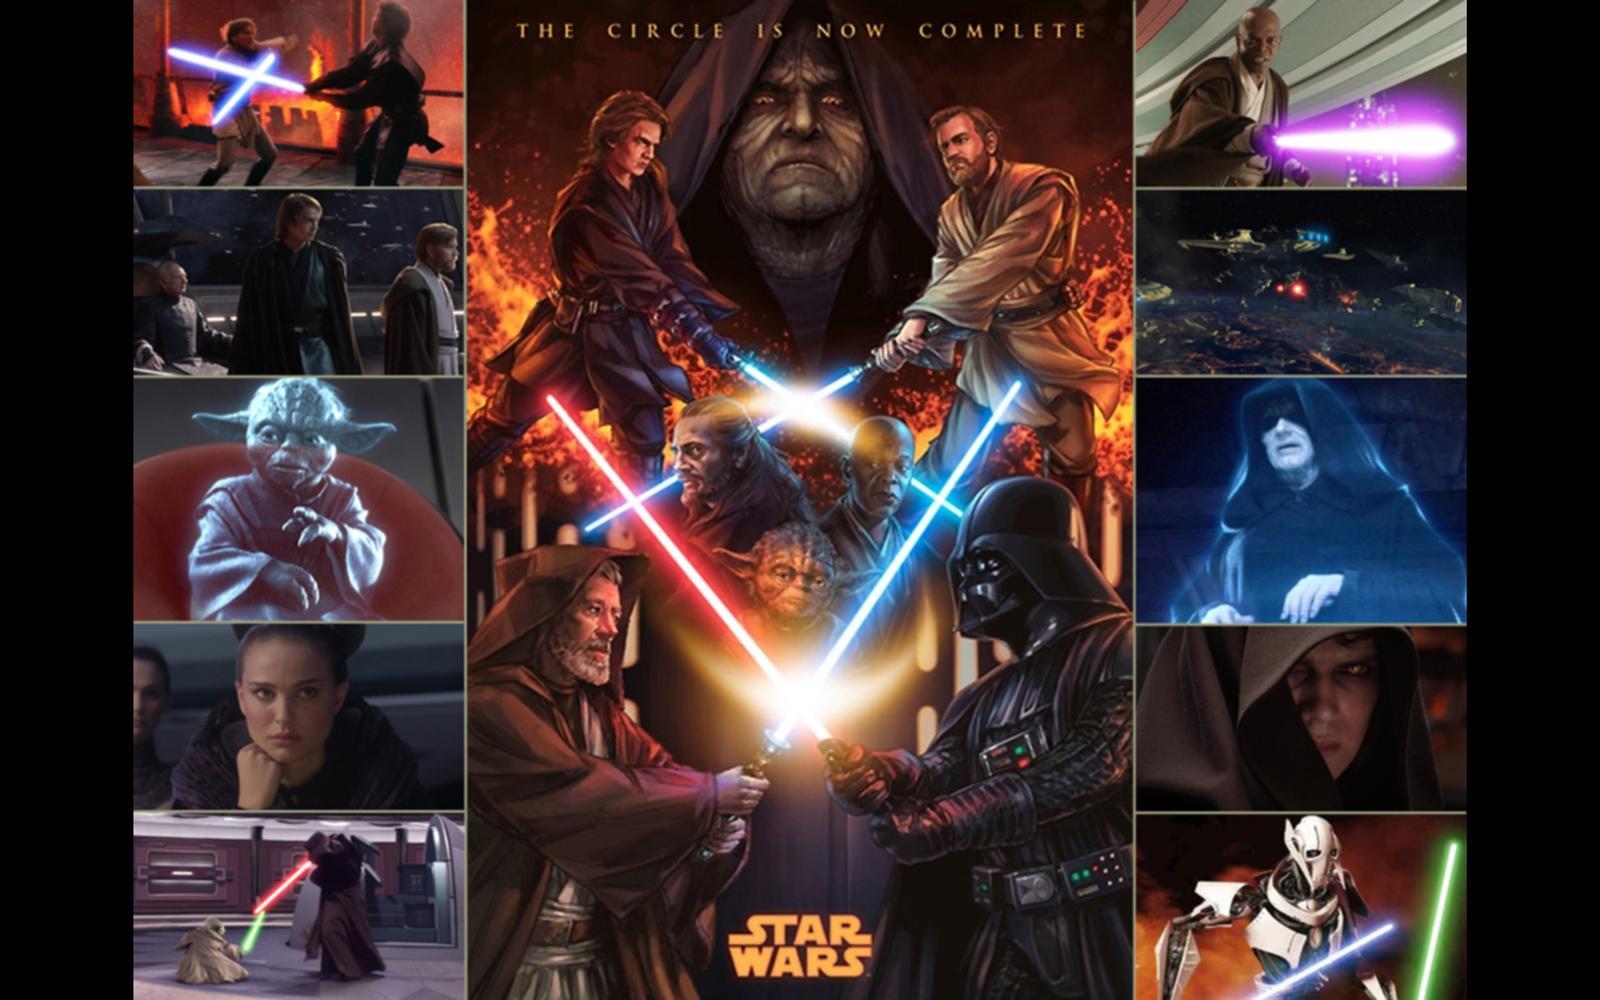 star wars image carousel iv